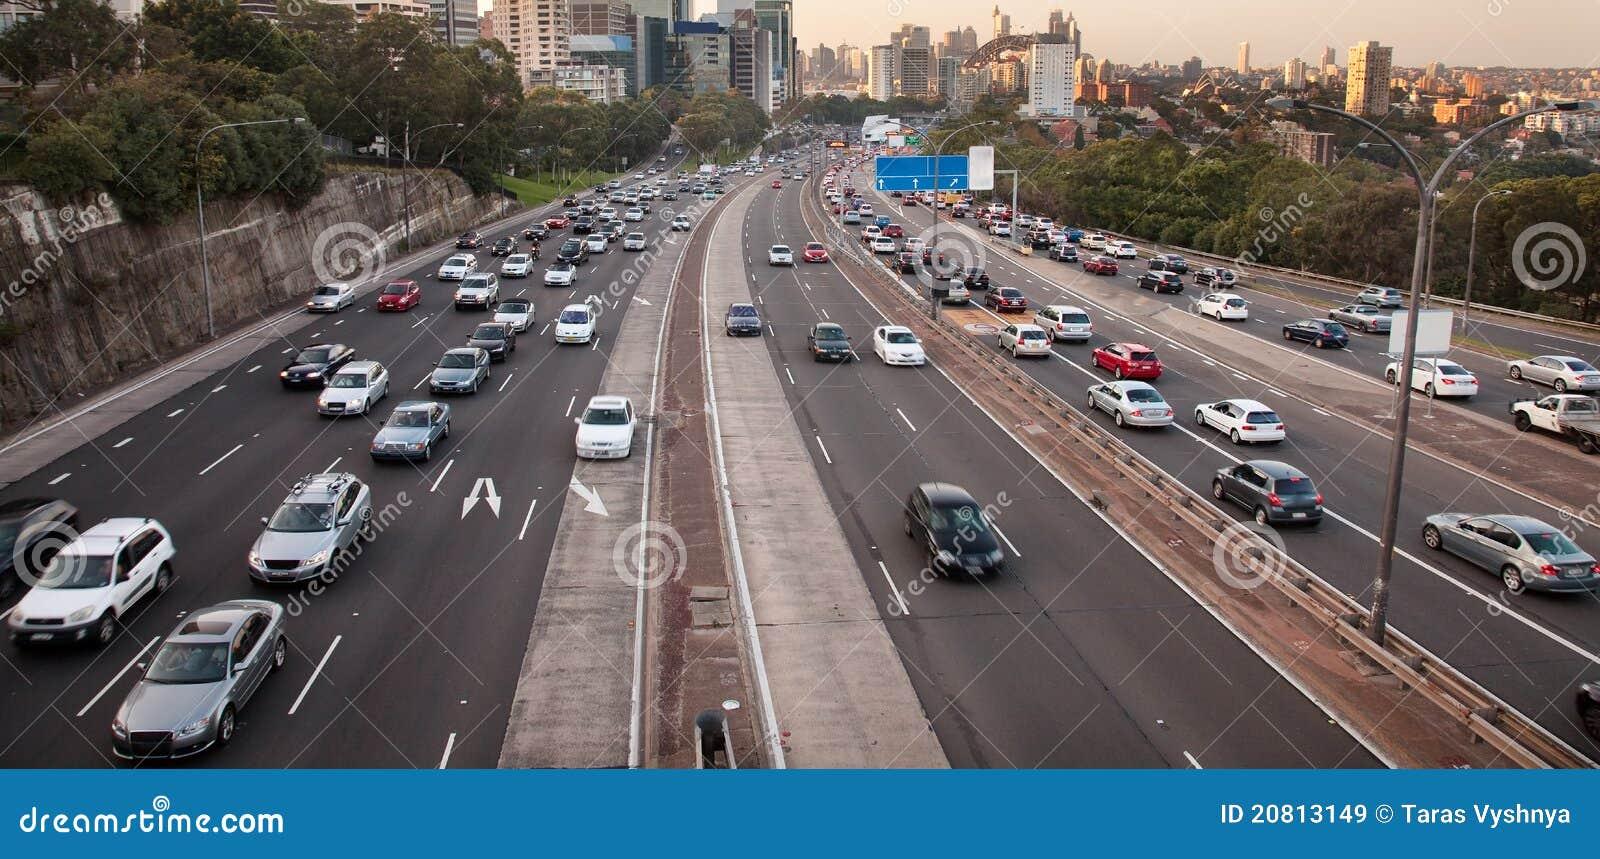 Carretera de par en par